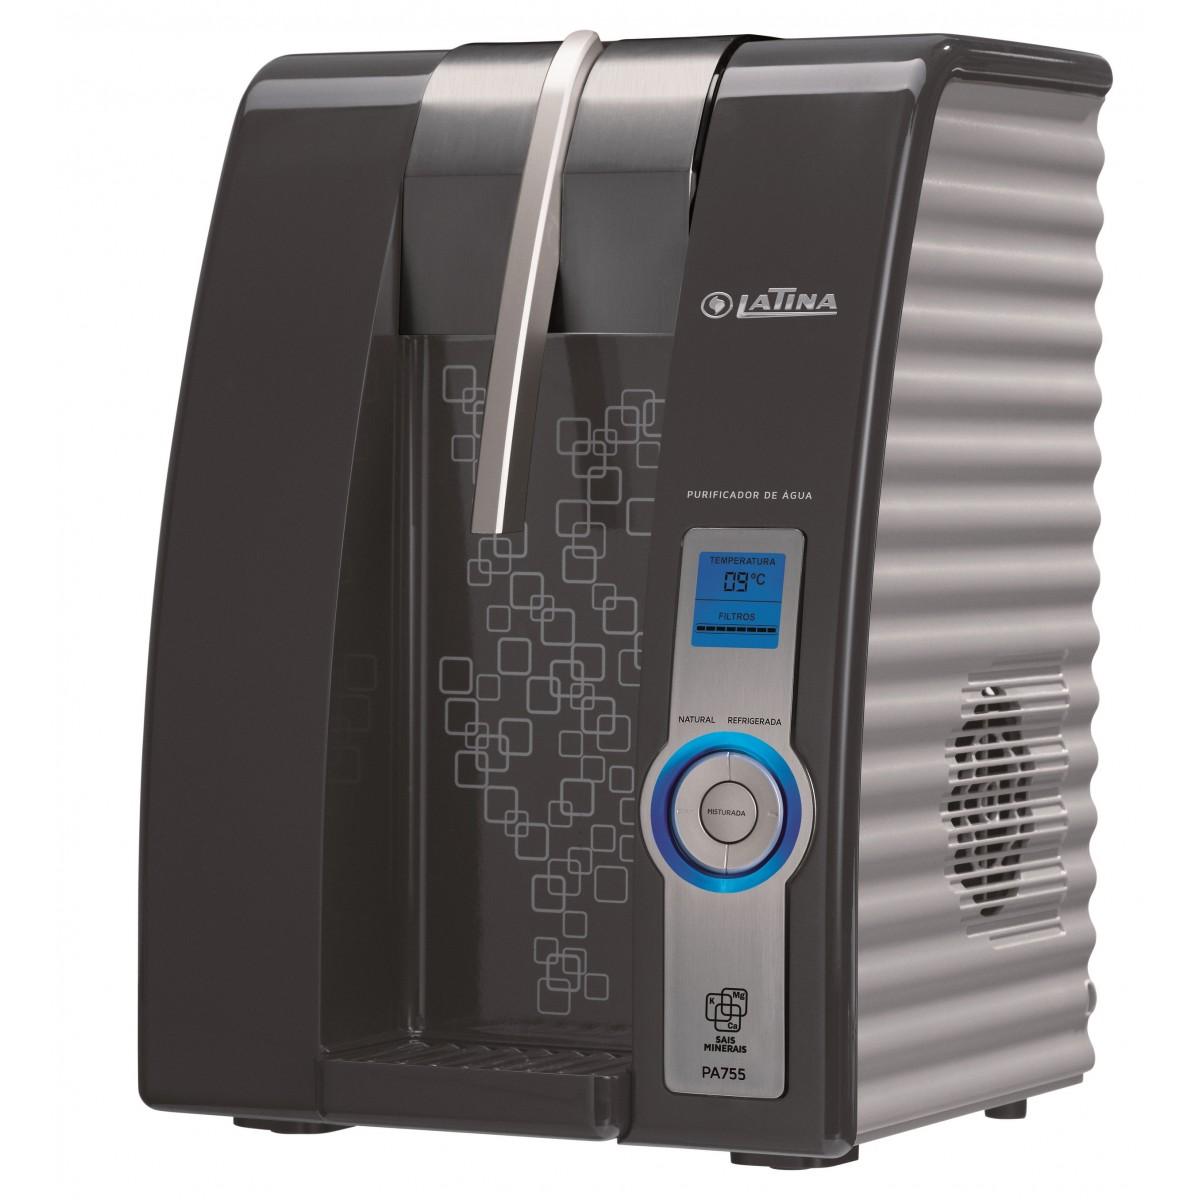 Purificador de Água Eletrônico Refrigerado Latina PA755 com Visor LED Grafite  - ShopNoroeste.com.br